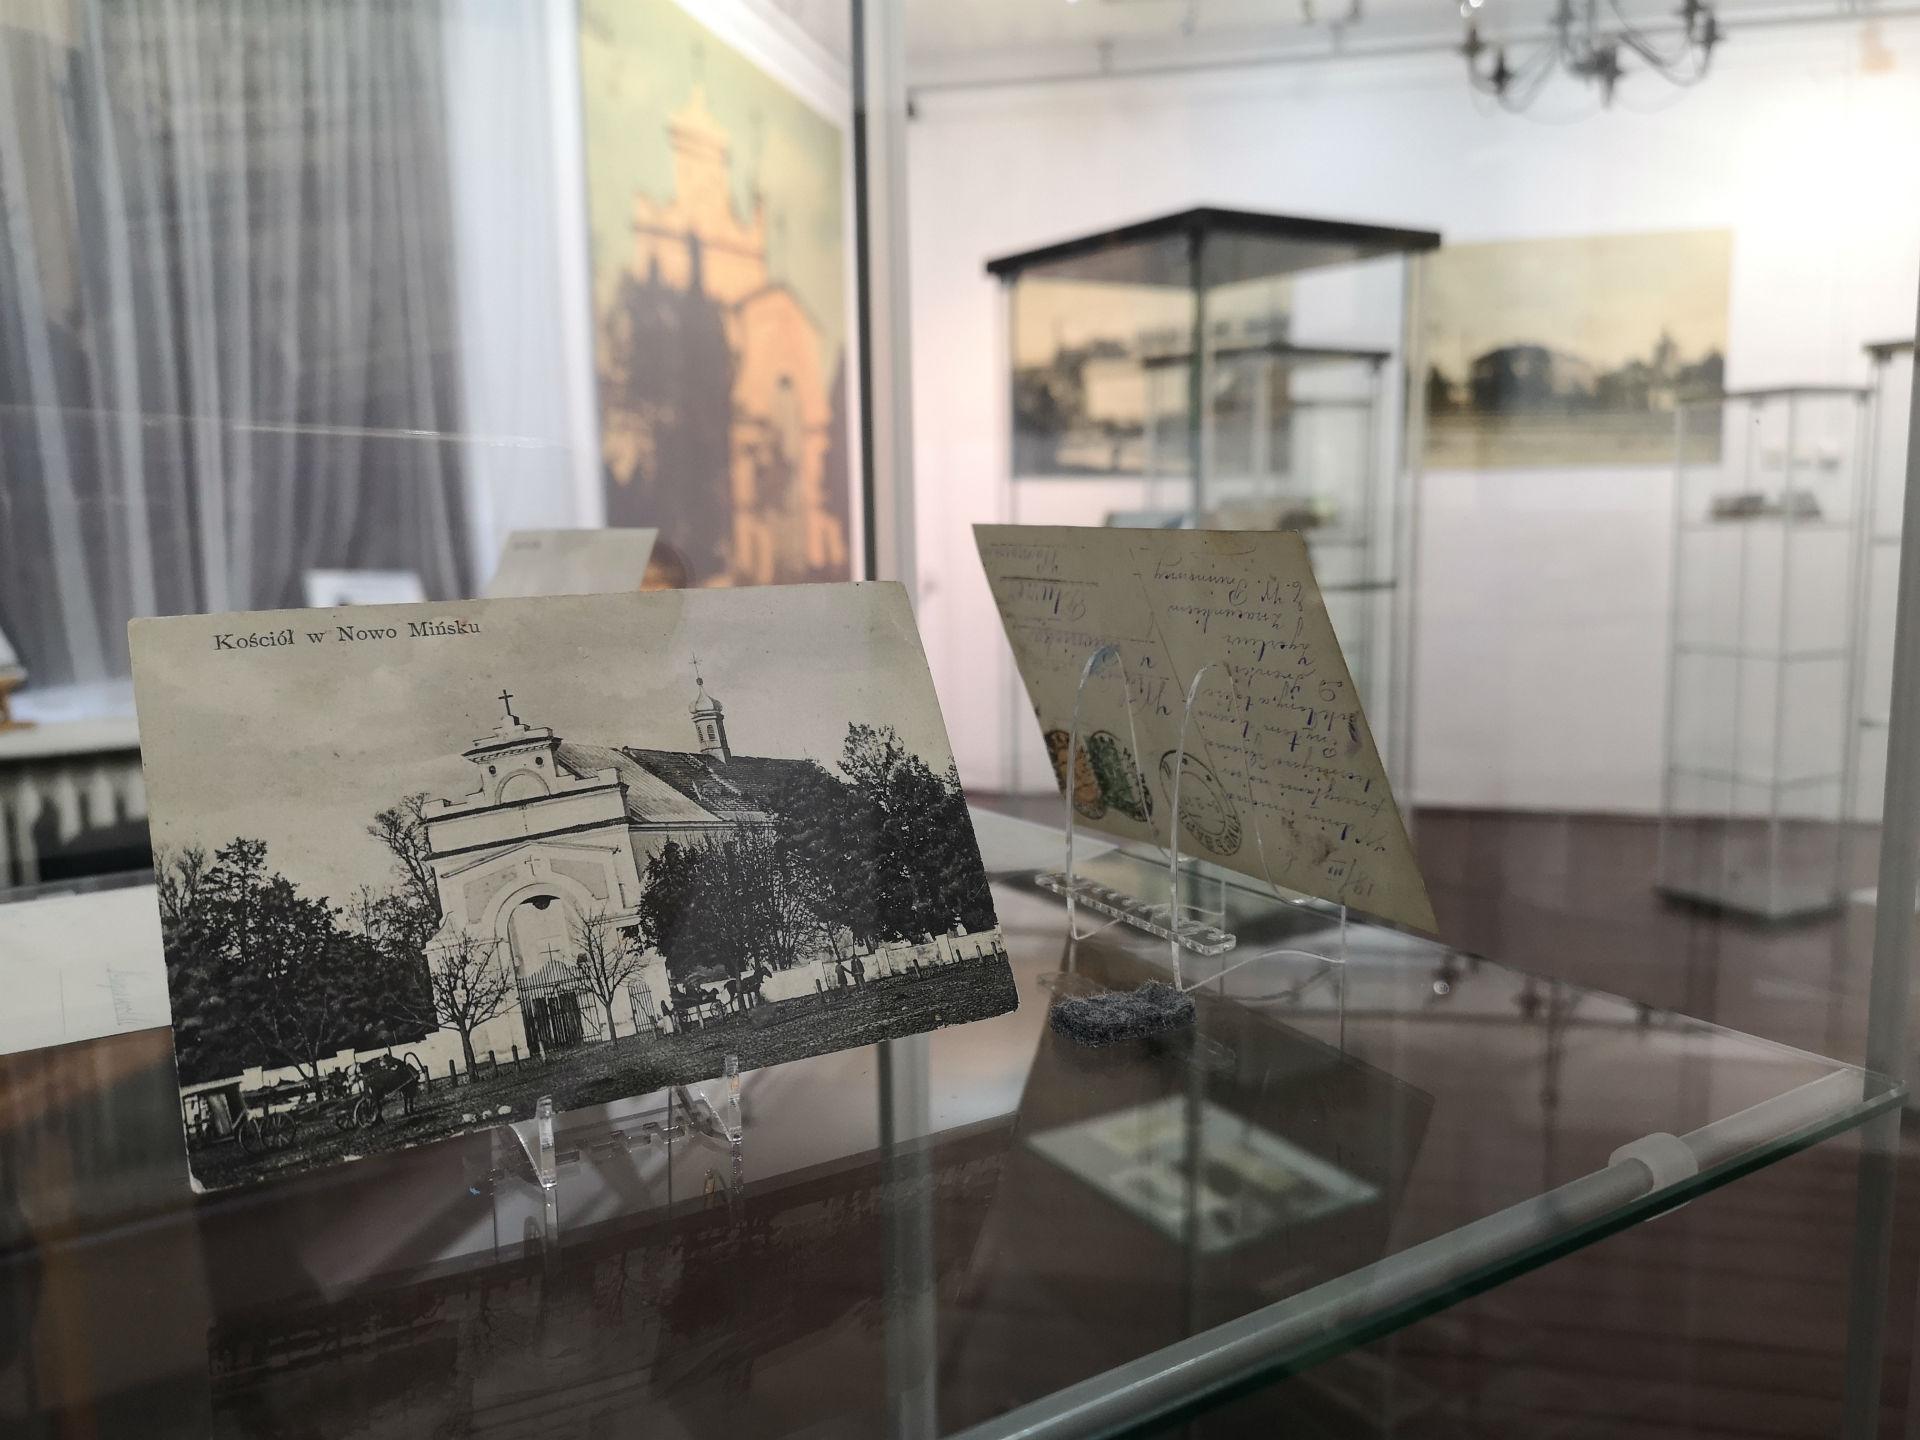 Wnętrze gabloty. Na pierwszym planie pocztówka z historycznym widokiem kościoła Najświętszej Maryi Panny w Mińsku Mazowieckim. W tle reszta ekspozycji.